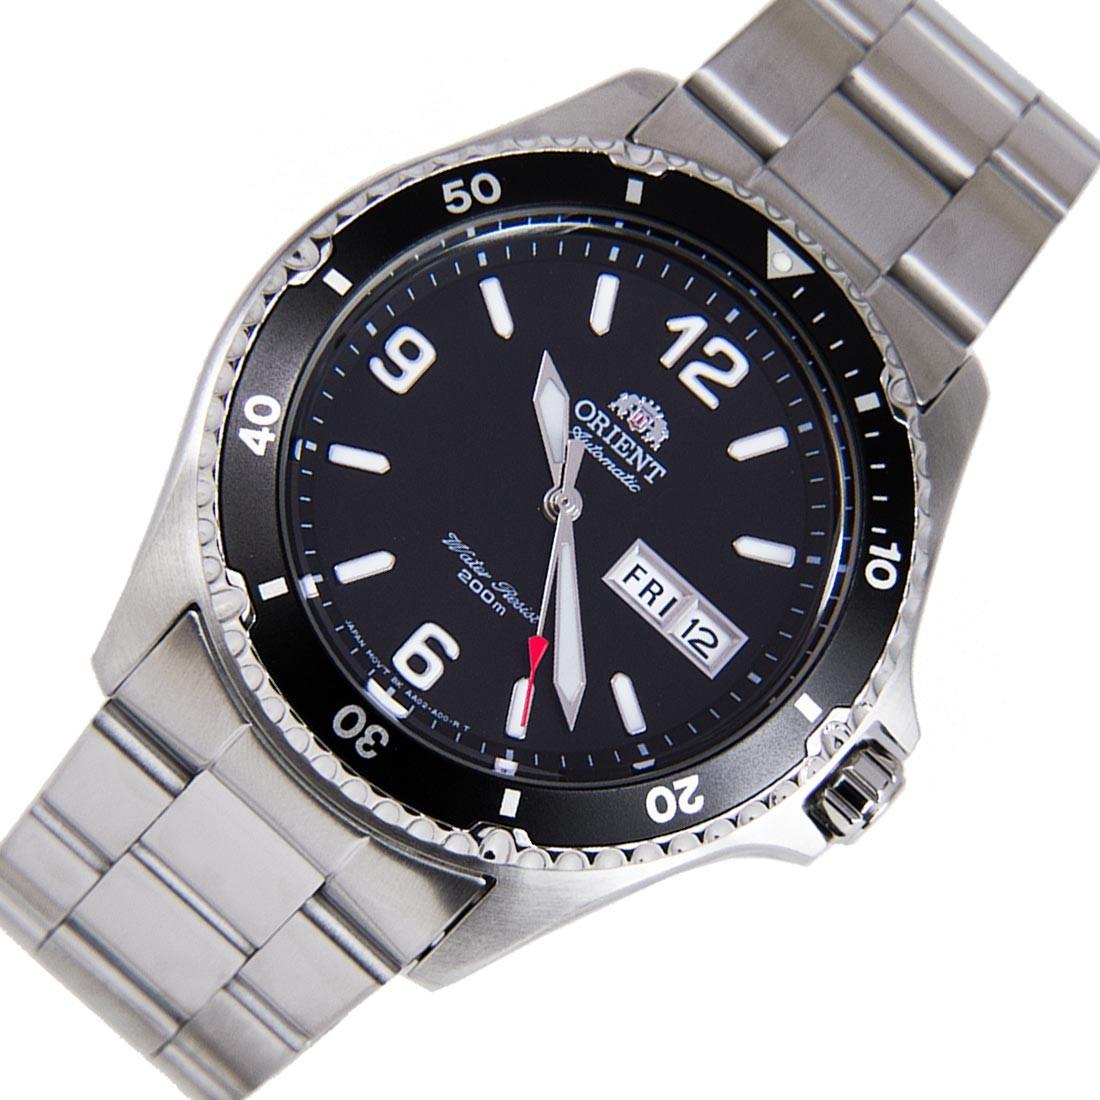 0a4c20cc Часы ORIENT FAA02001B3 / ОРИЕНТ / Японские наручные часы / Украина ...